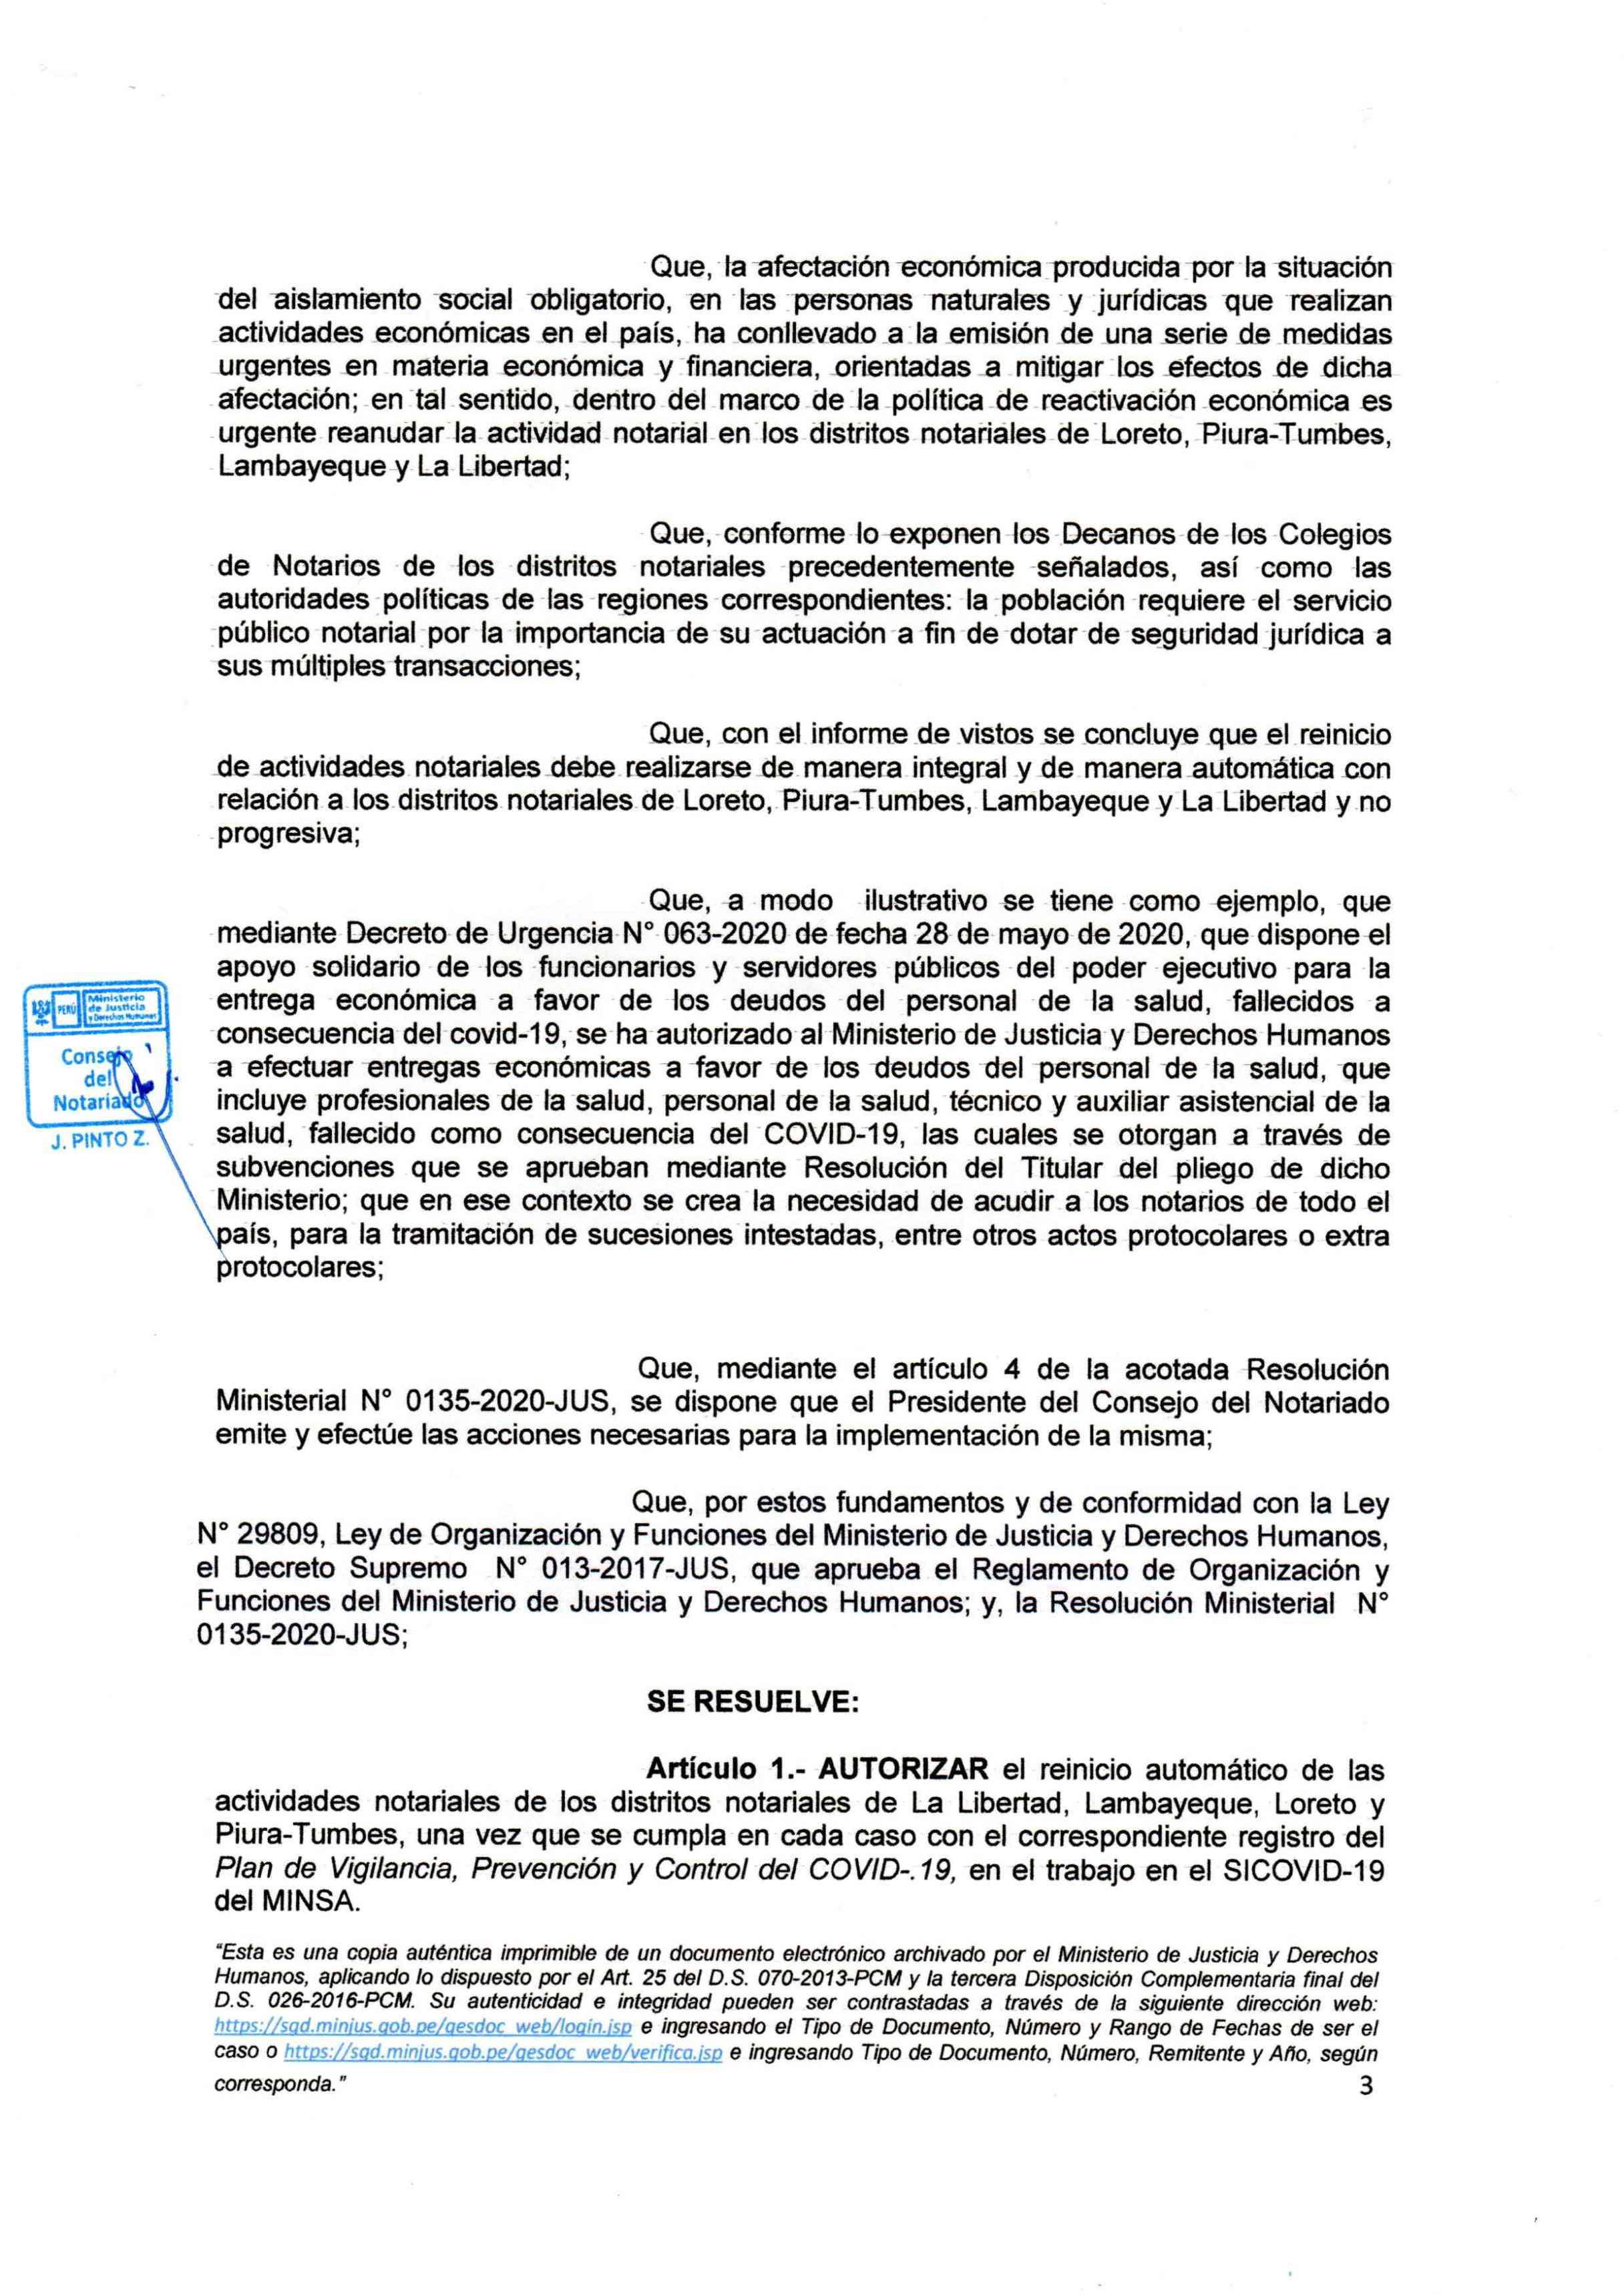 RPCN-05-2020-JUS-3